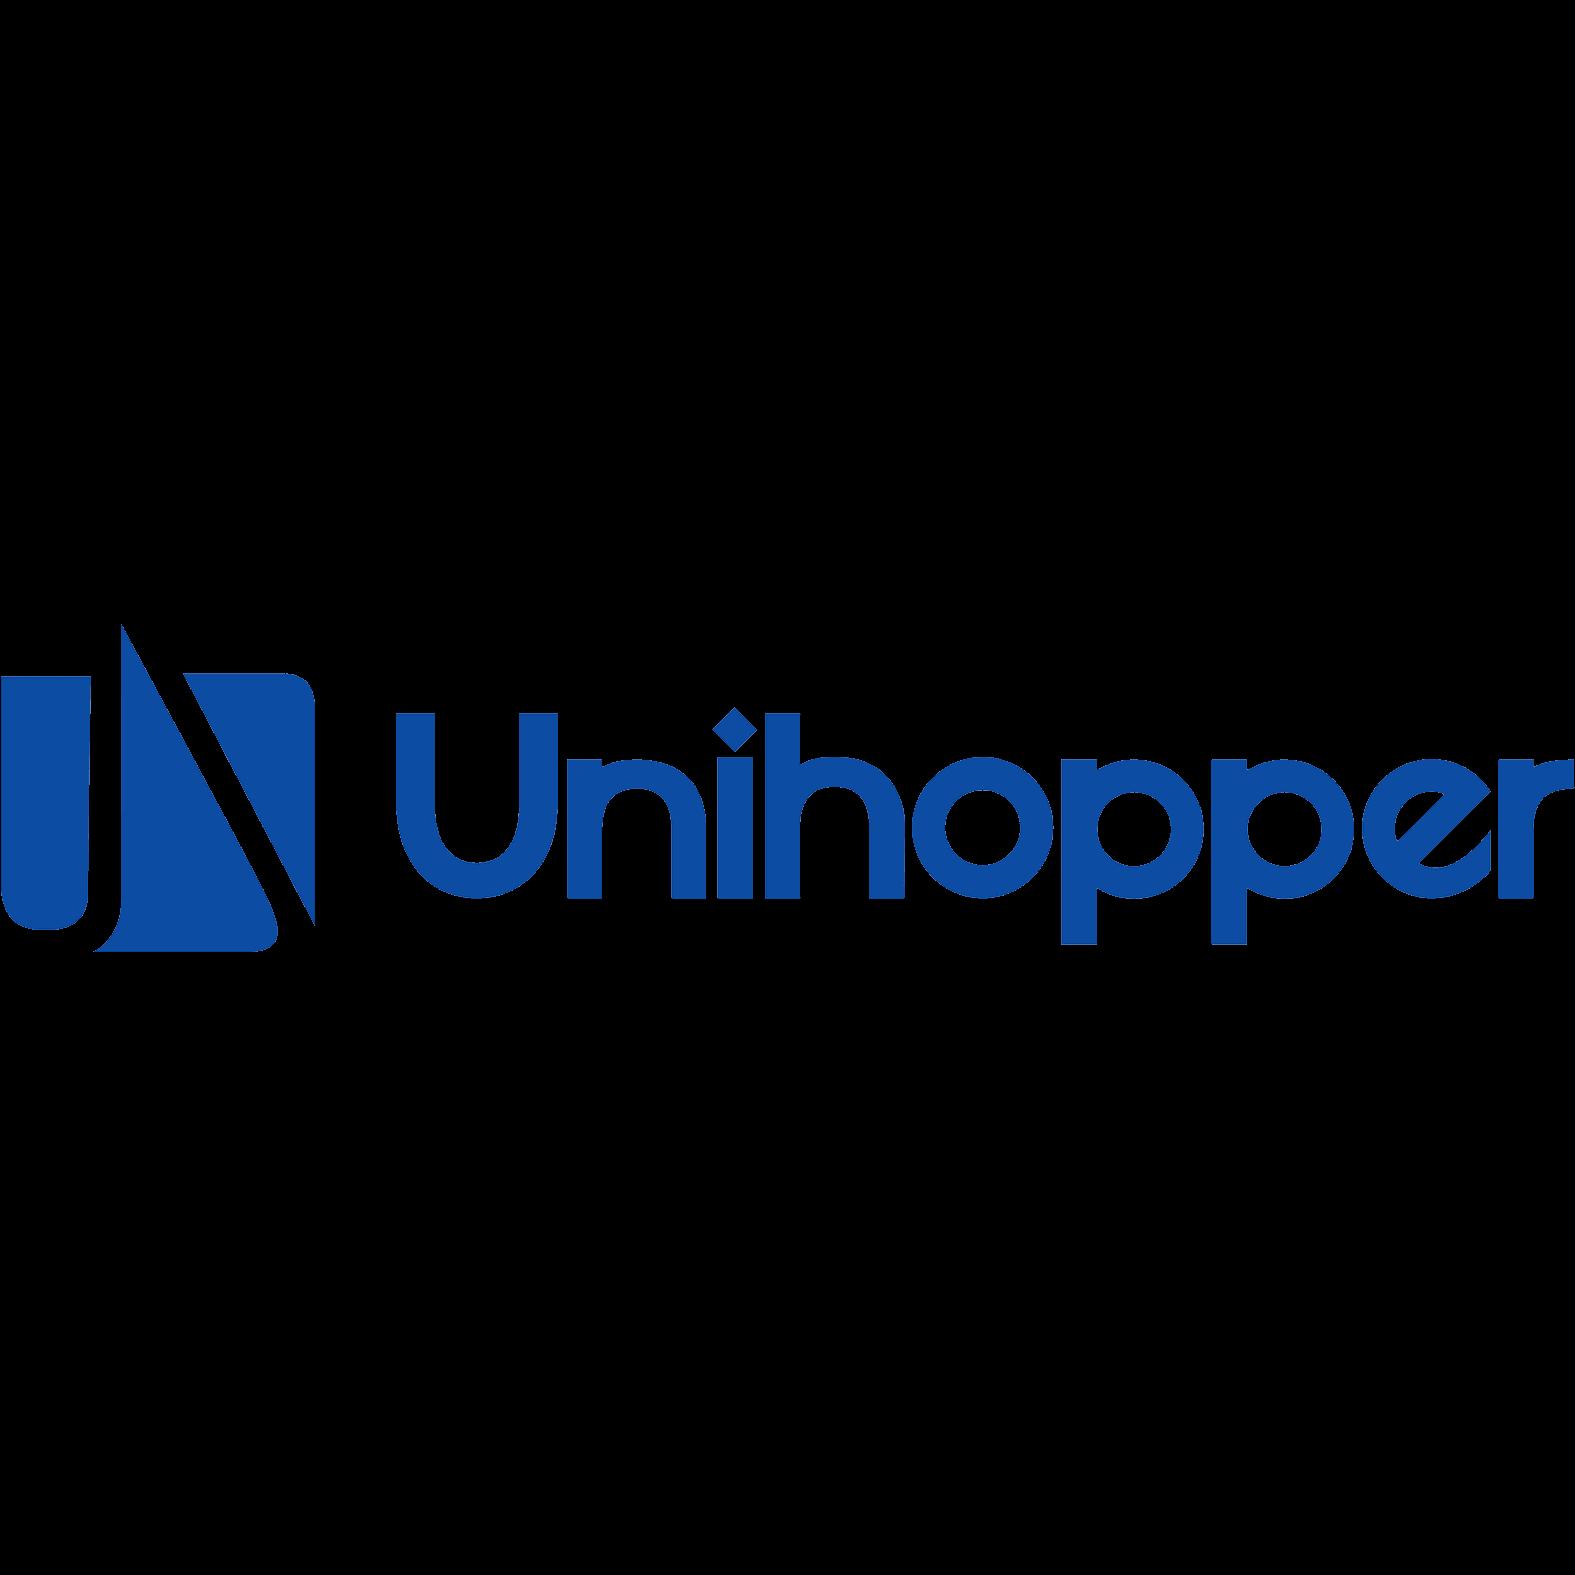 unihopper